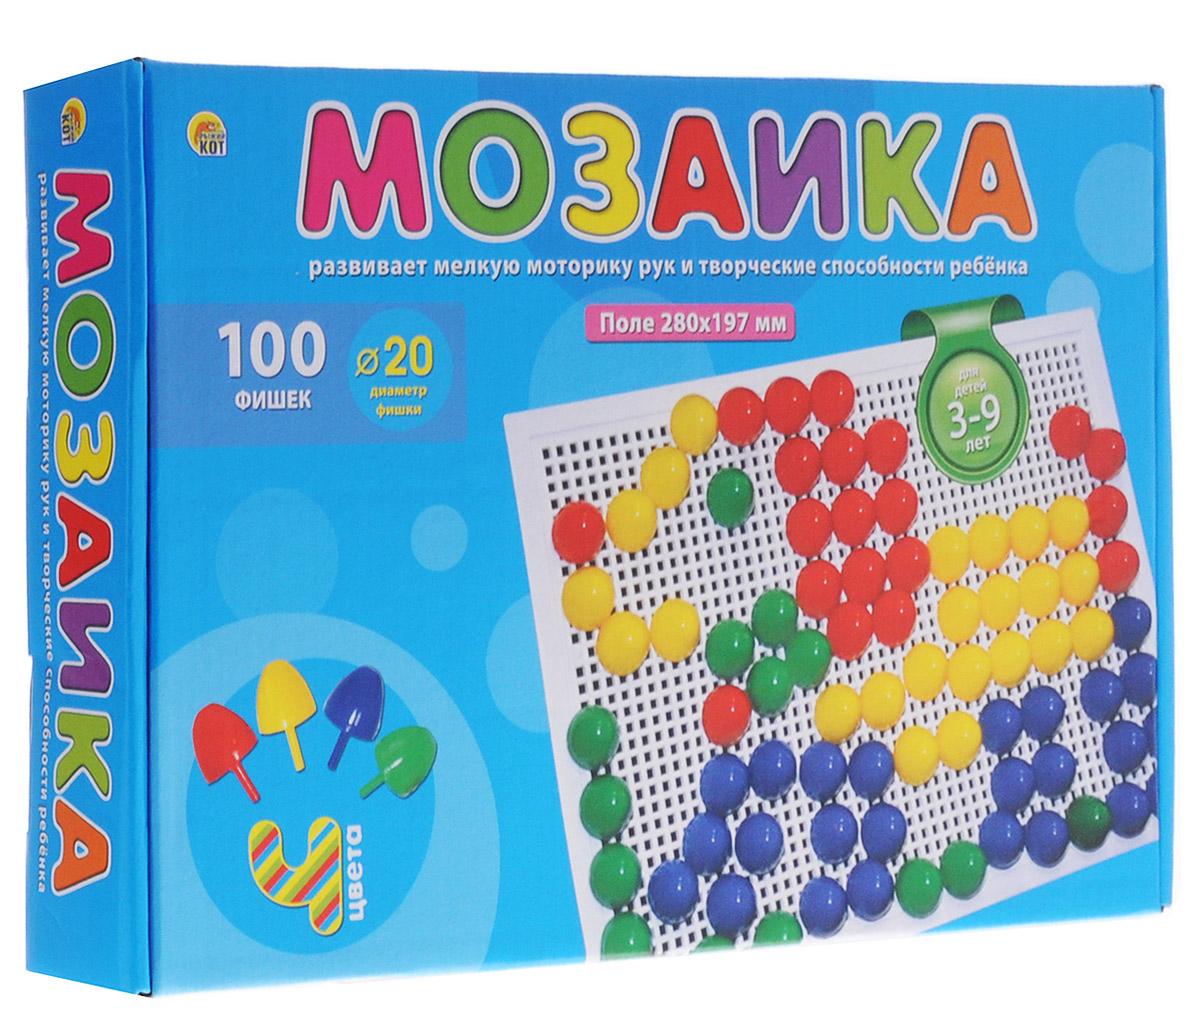 Рыжий Кот Мозаика 100 фишек М-0166 мозаика рыжий кот для малышей